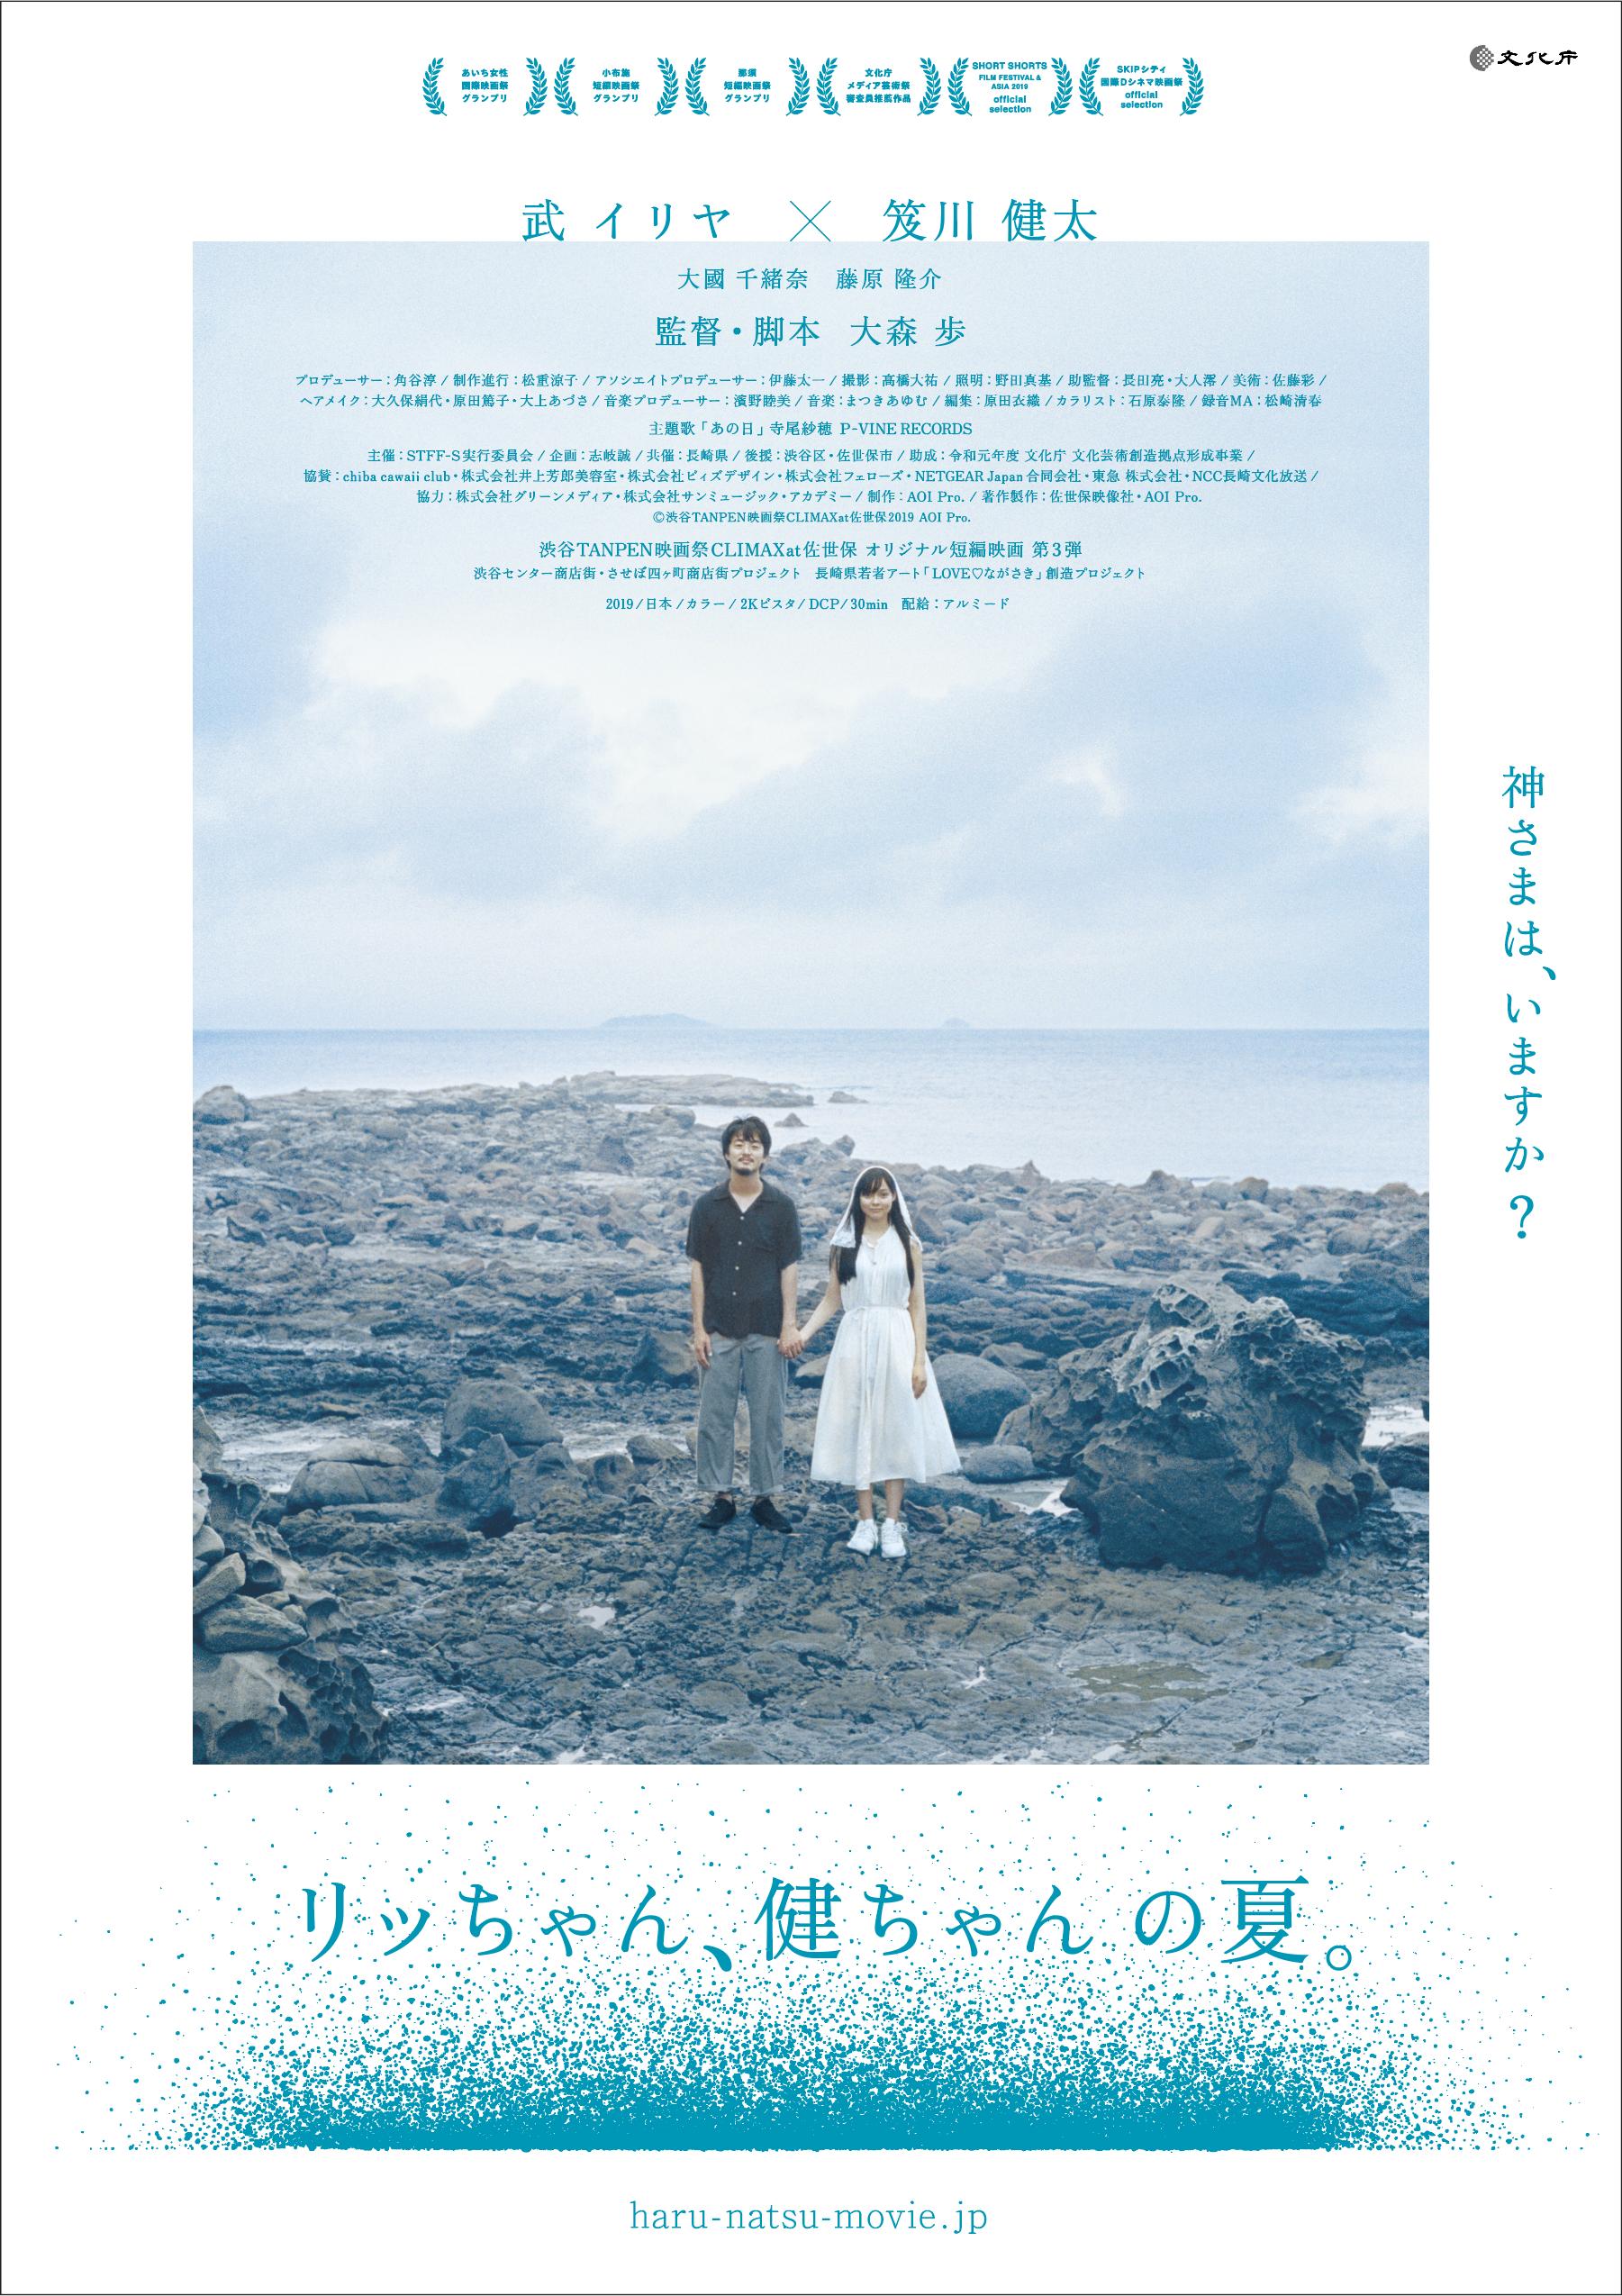 映画『リッちゃん、健ちゃんの夏。』劇場鑑賞券&パンフレット